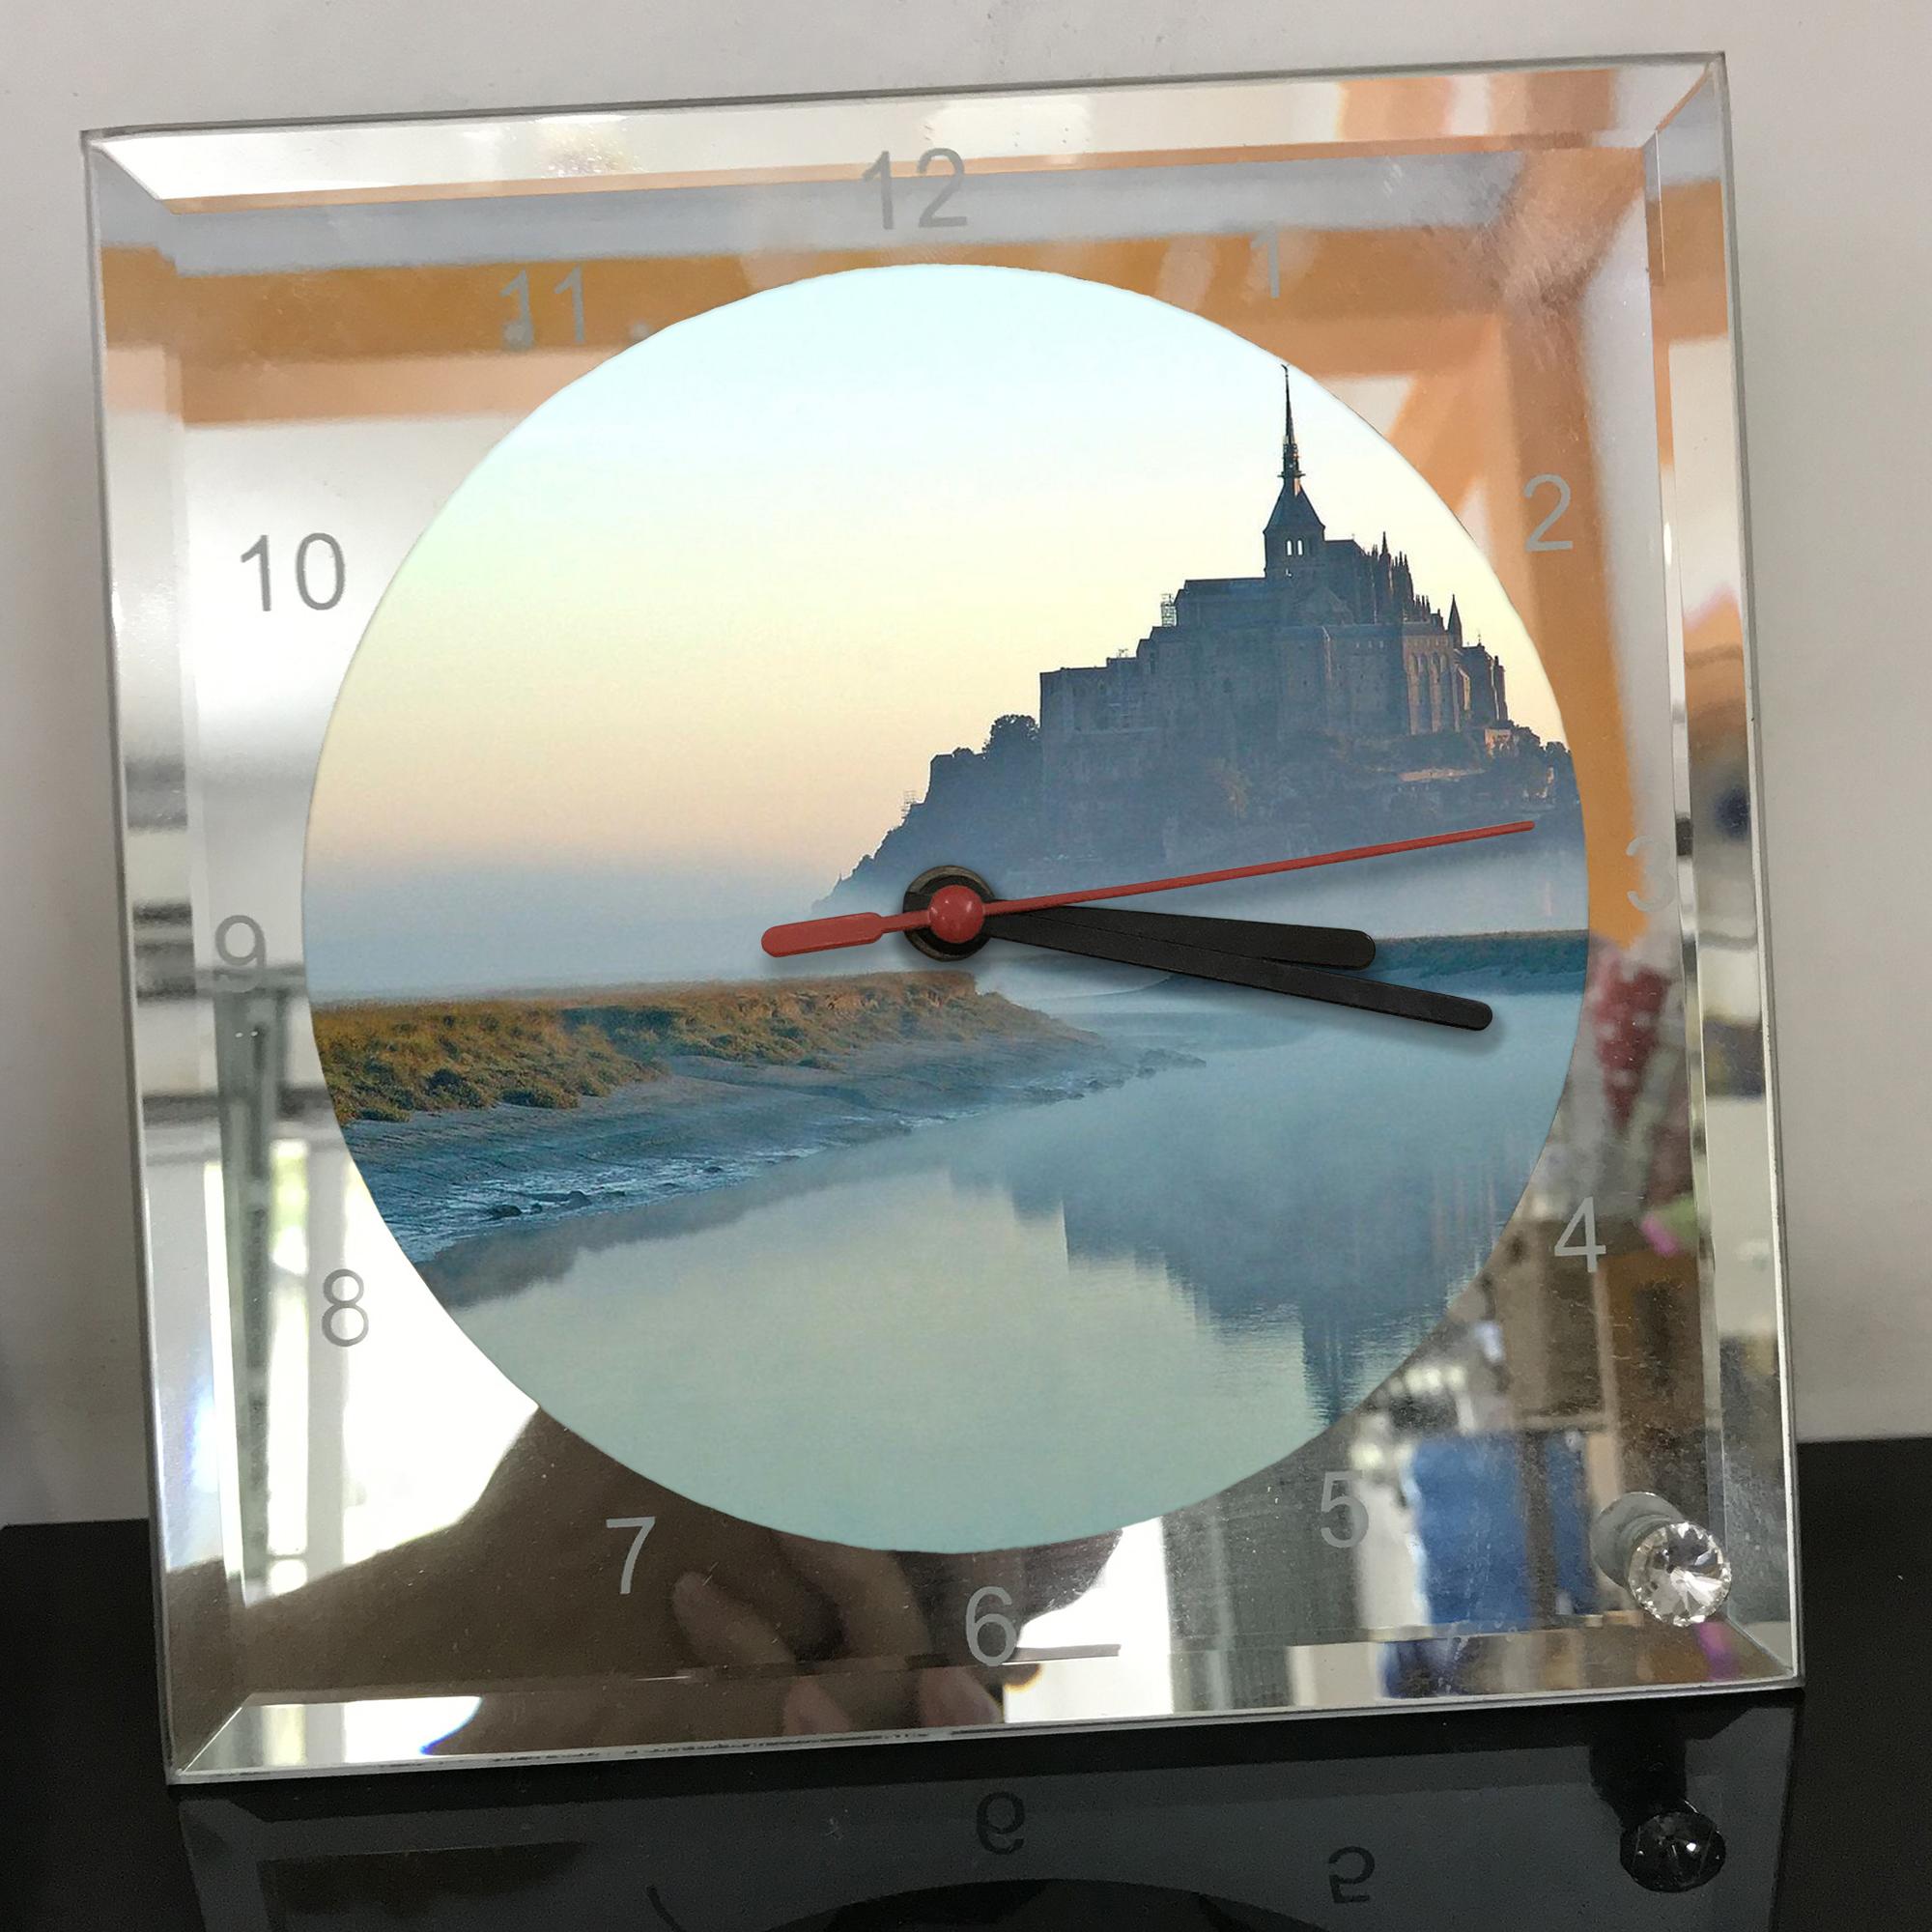 Đồng hồ thủy tinh vuông 20x20 in hình tu viện Mont Saint-Michel (20) . Đồng hồ thủy tinh để bàn trang trí đẹp chủ đề tôn giáo